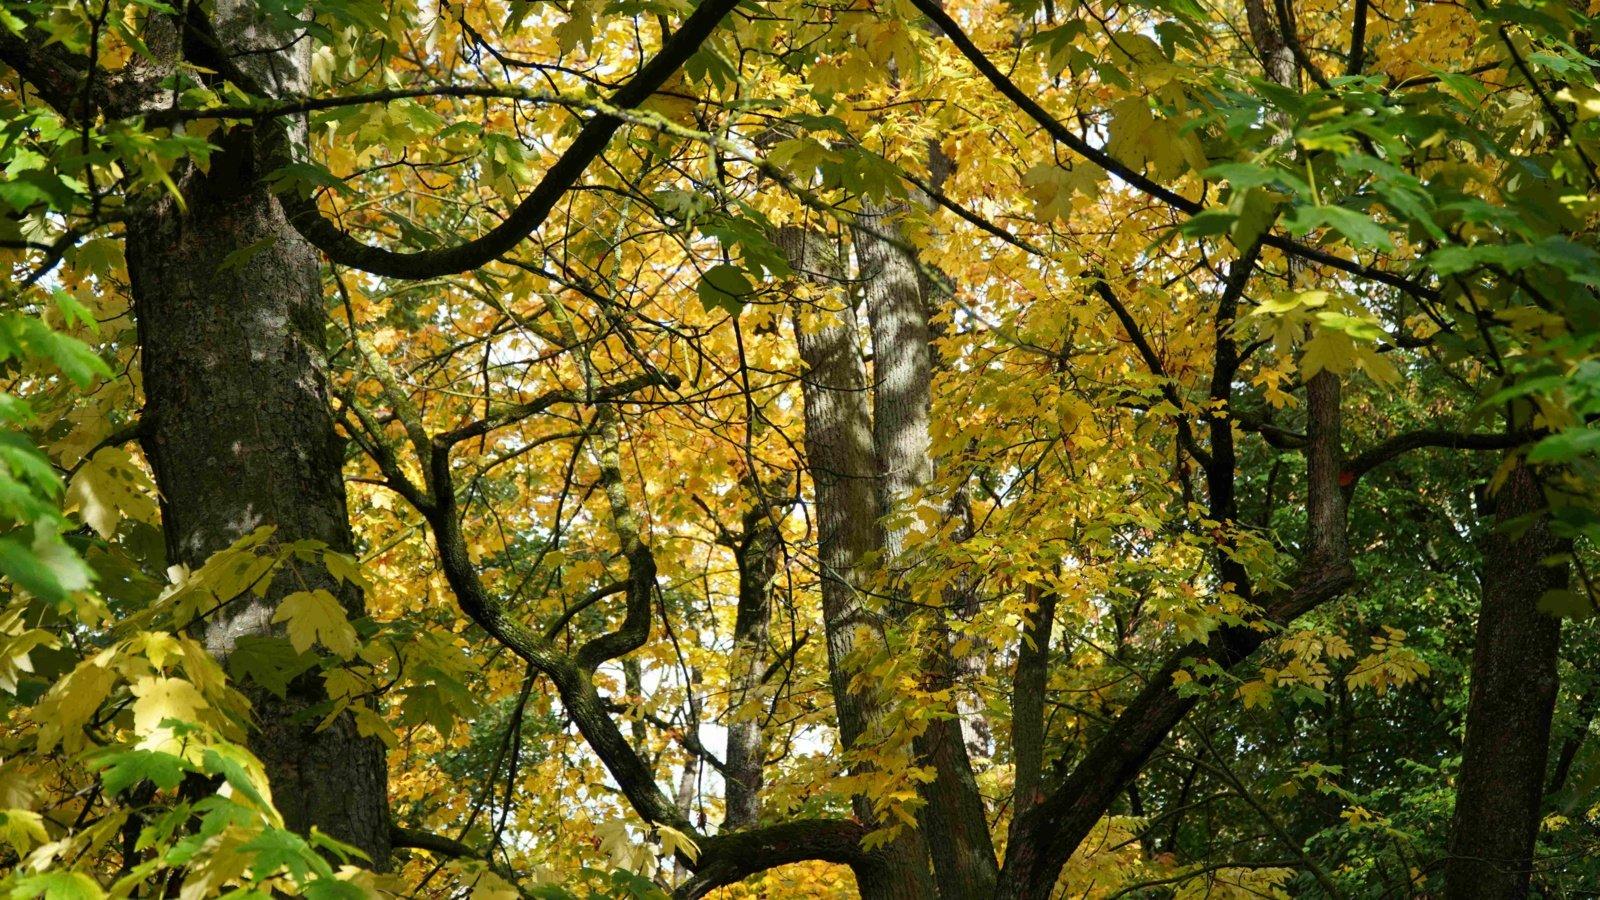 Seimas spręs dėl baudų padidinimo už nelegalias tvoras, niokojamą miško paklotę ir nuotekų tvarkymą